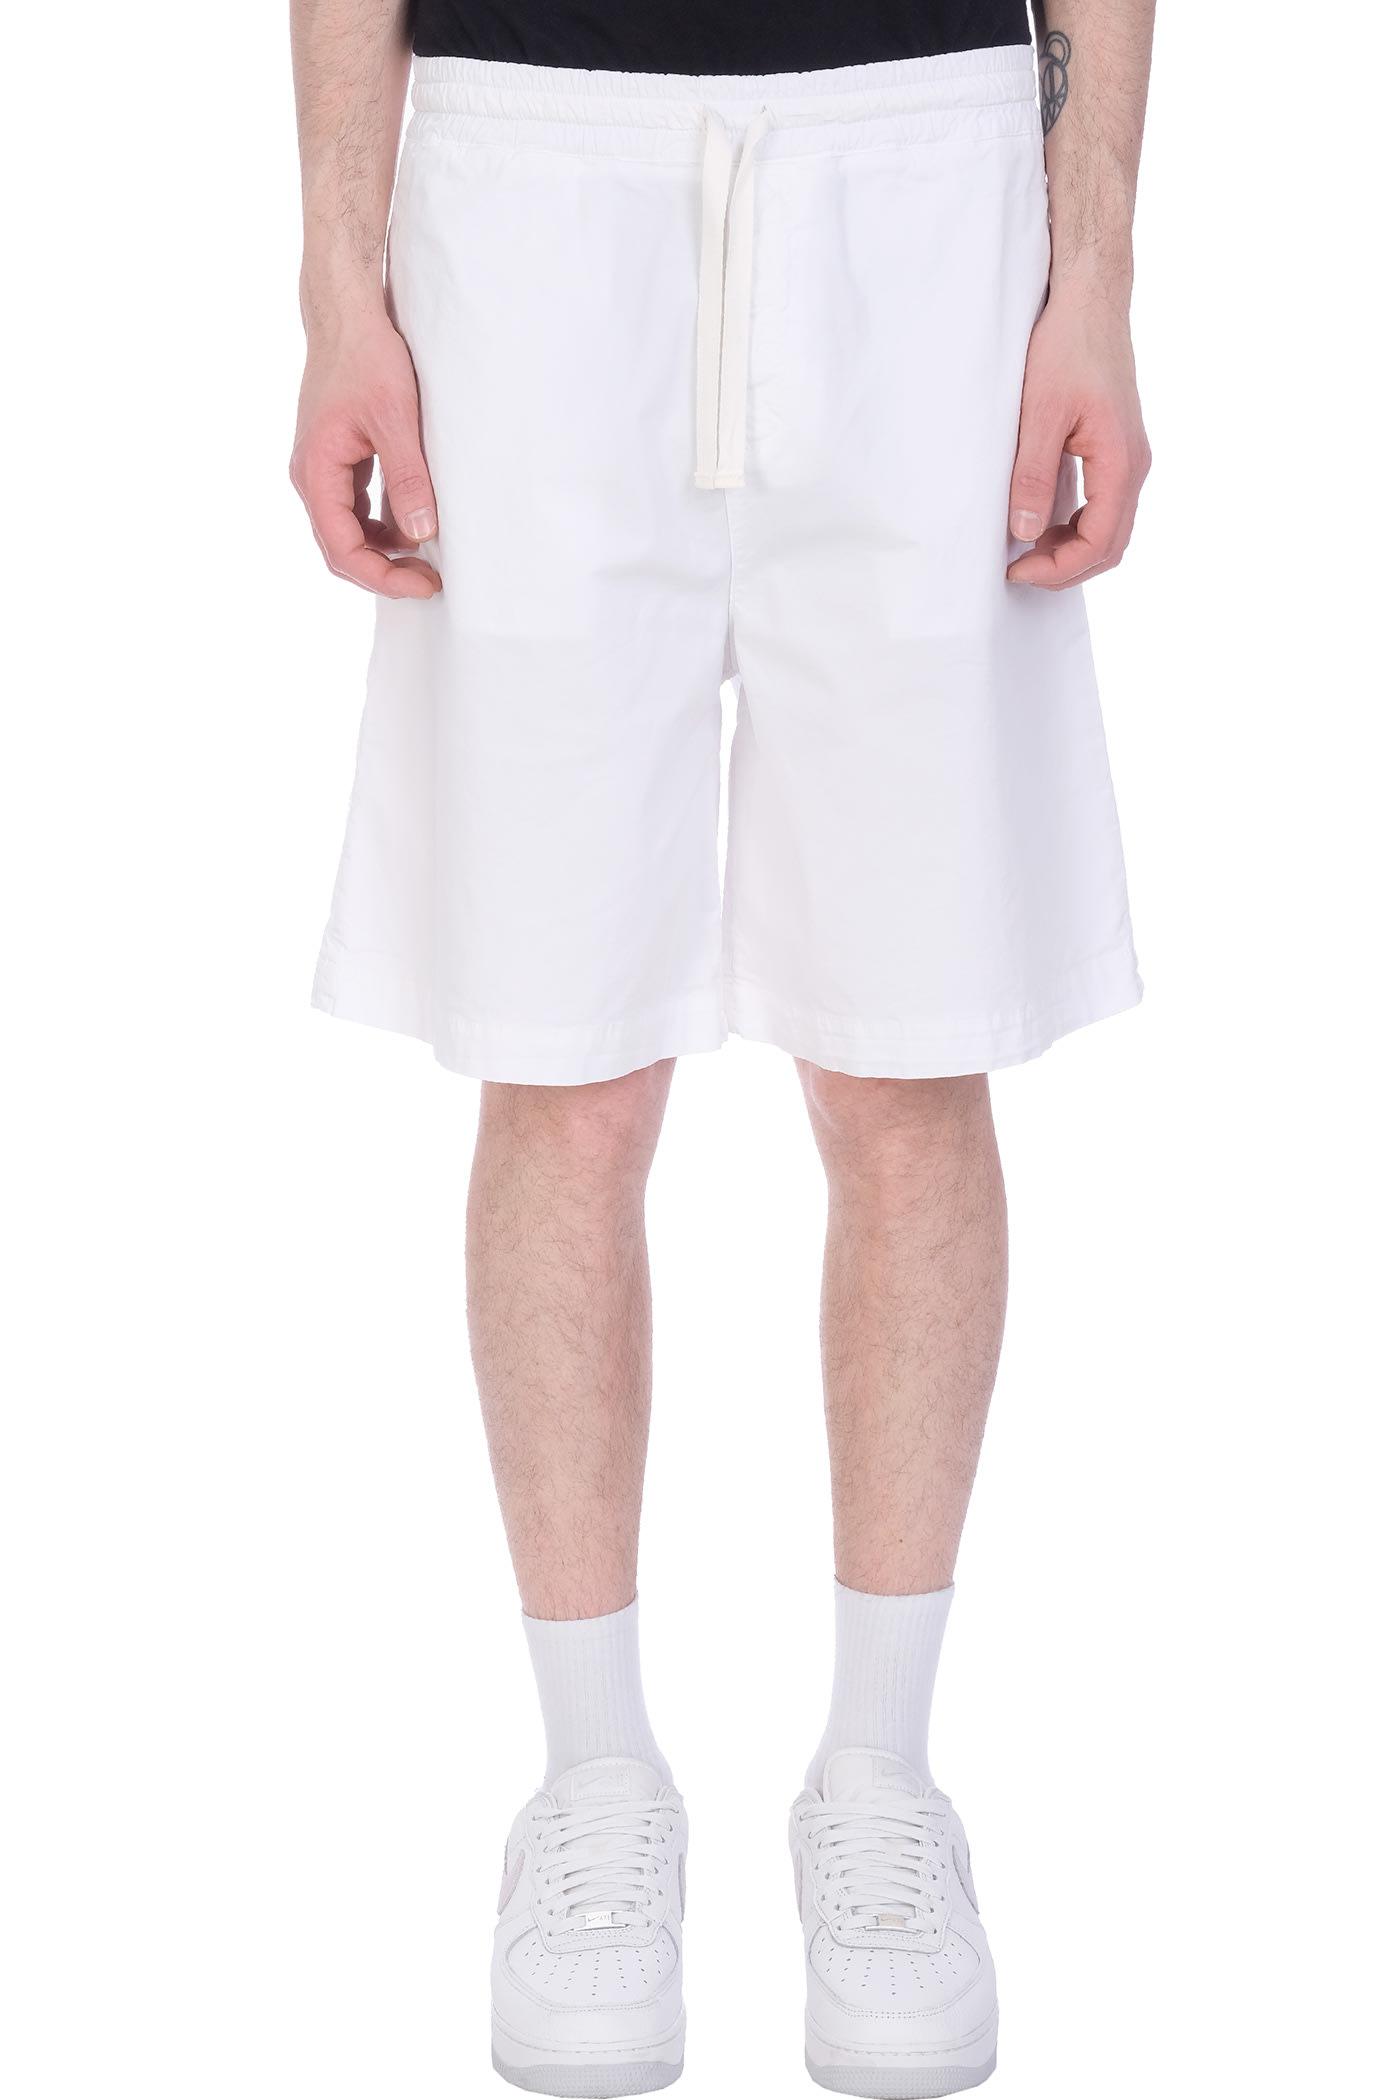 Baviera Shorts In White Cotton